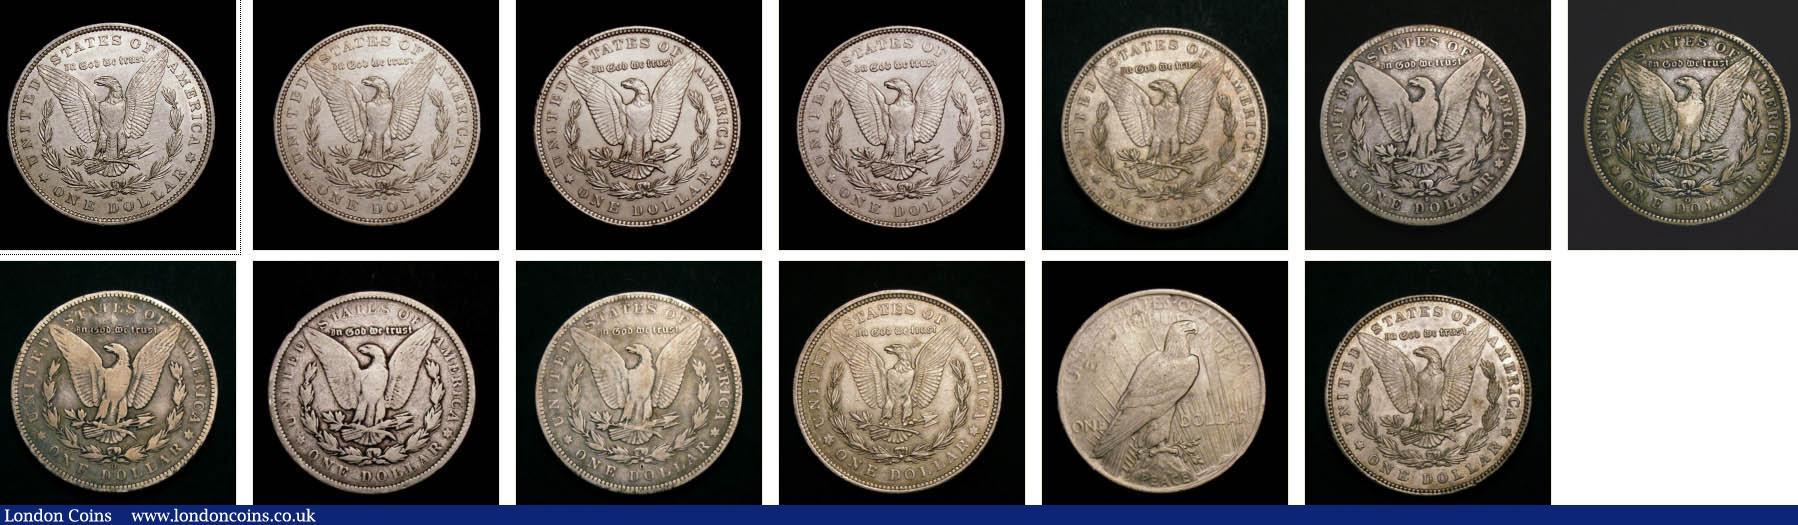 1879, 1880 O, 1881 O, 1884, 1885S, 1886, 1887 O, 18